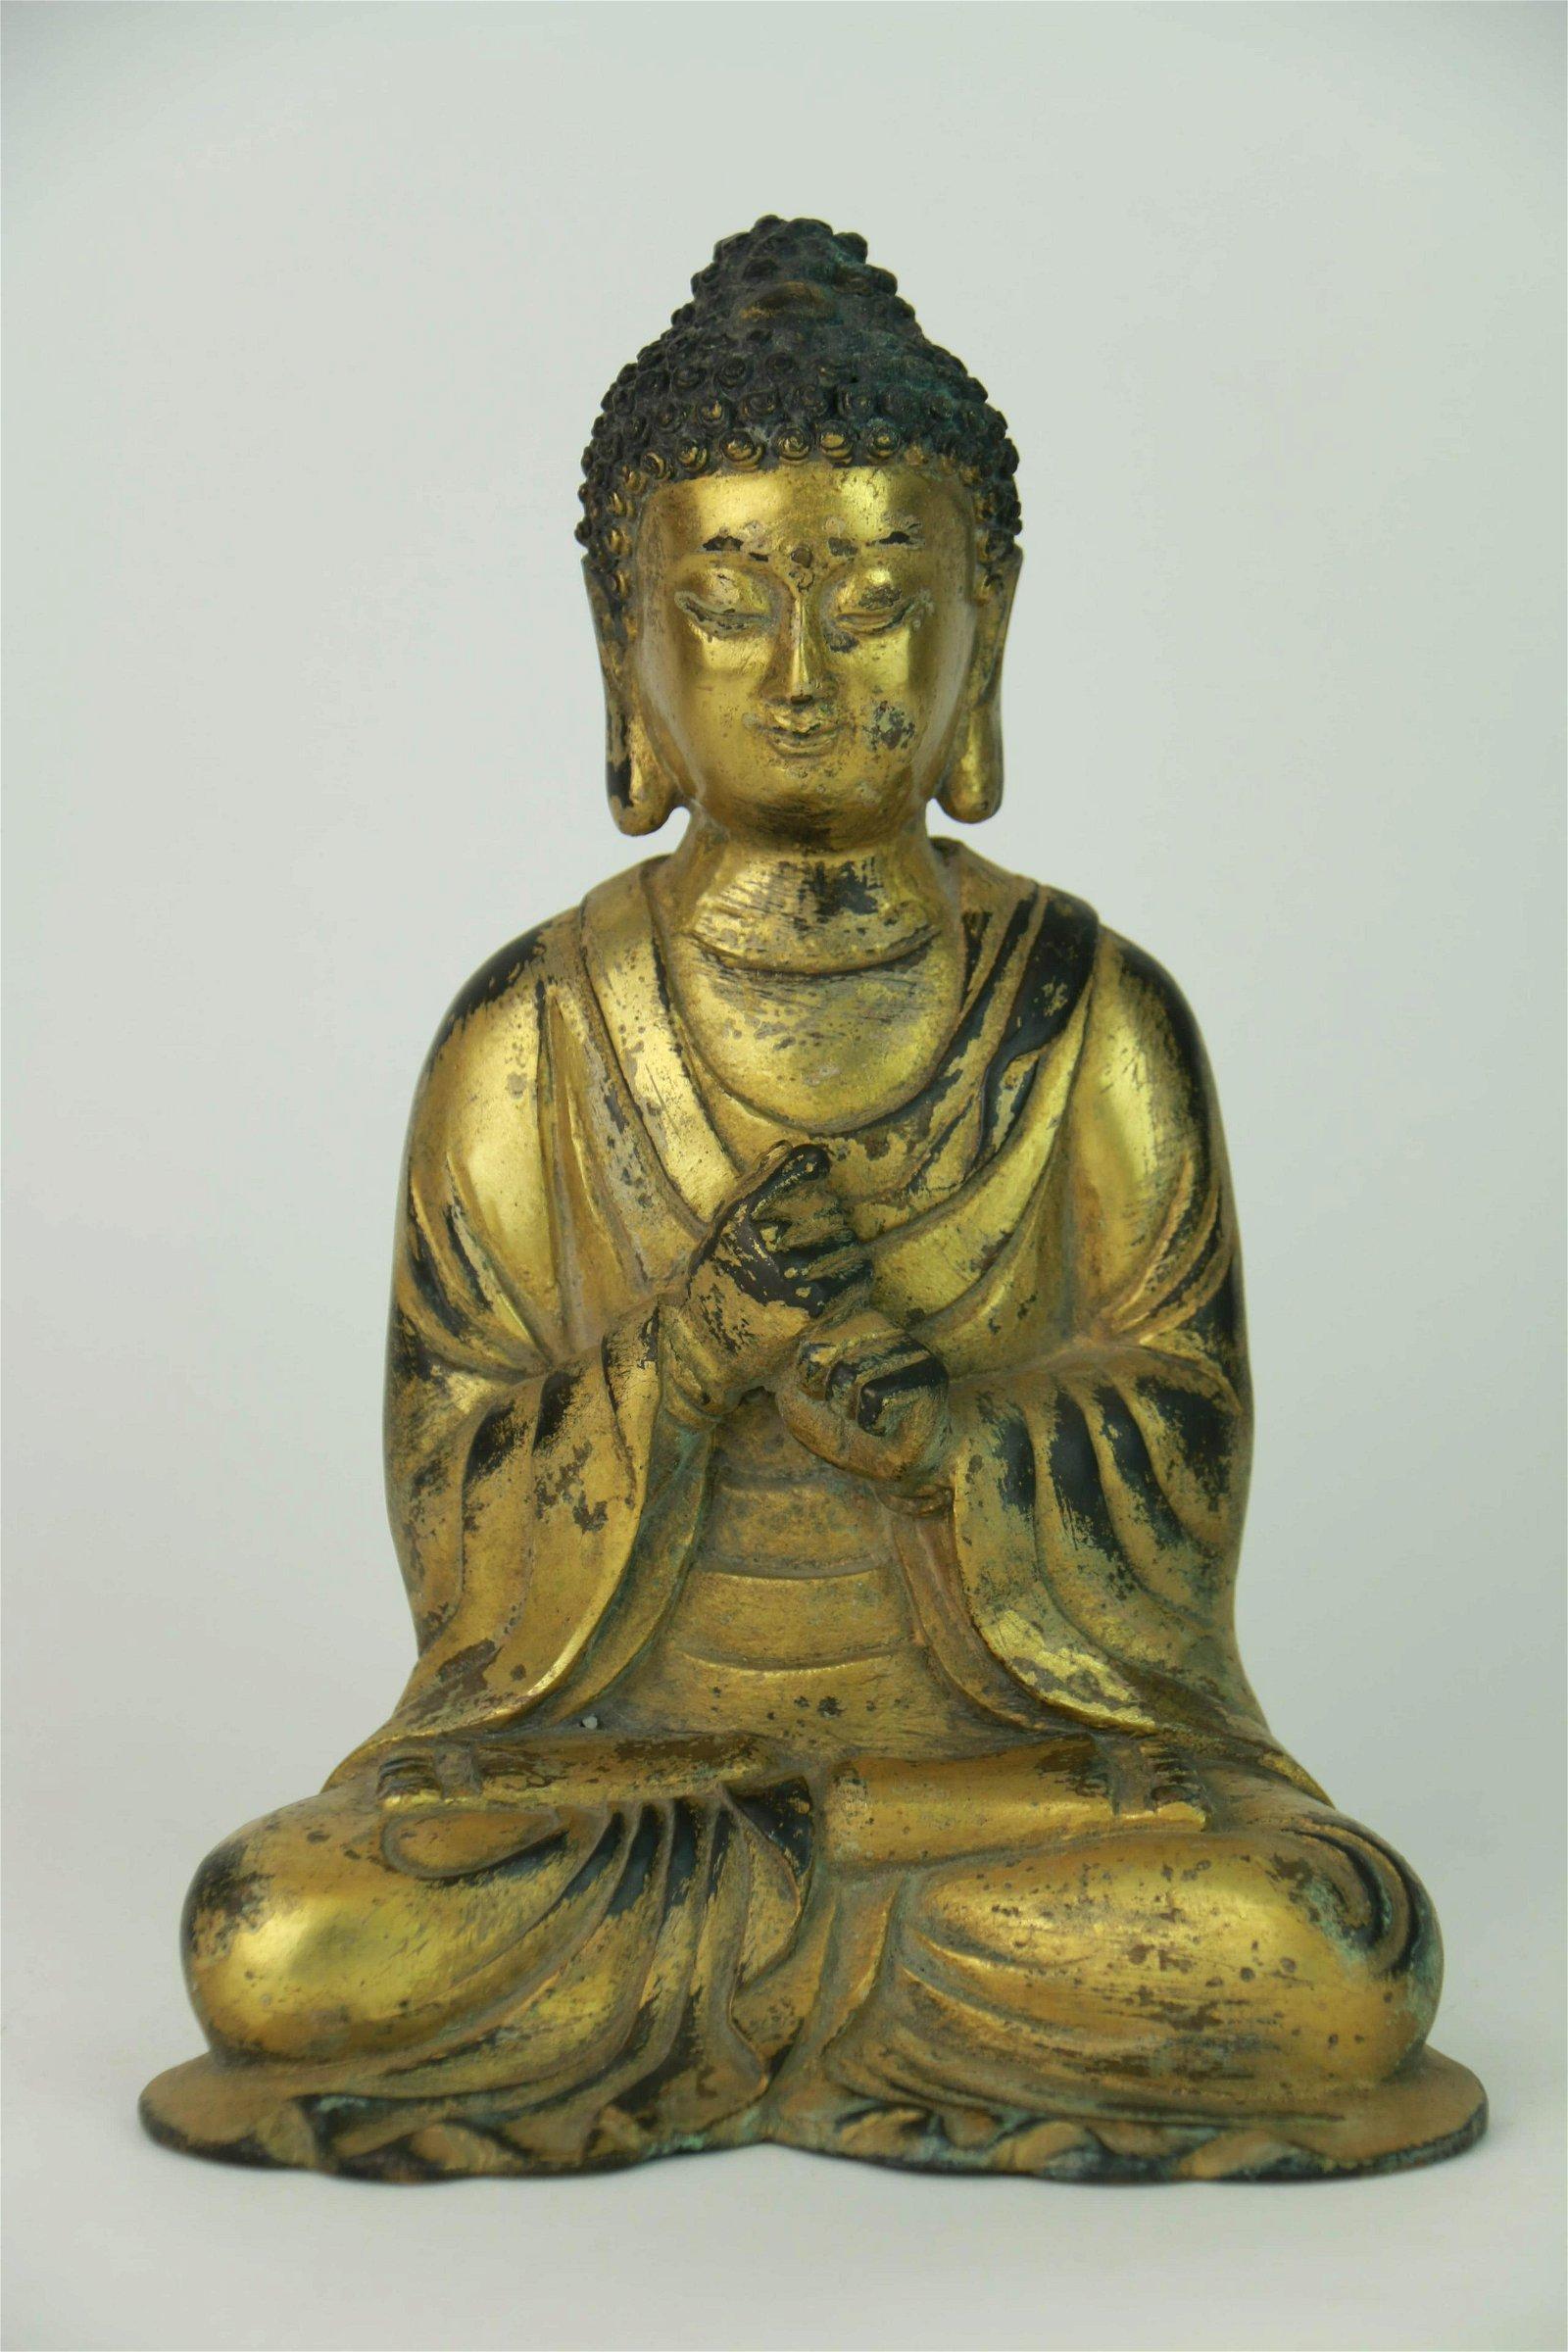 A Chinese Bronze Gilding Buddha Statue of Sakyamuni